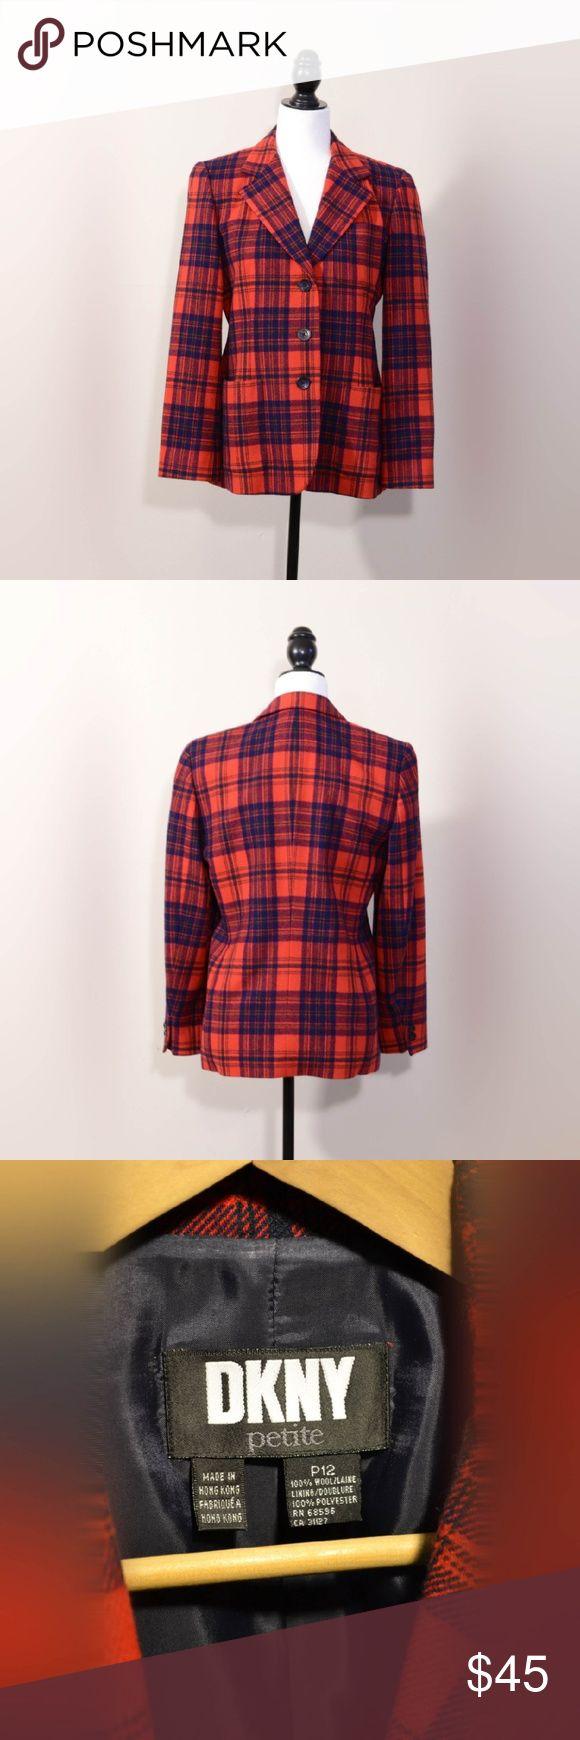 DKNY Tartan Blazer Stylish blazer by DKNY. 100% wool. DKNY Jackets & Coats Blazers